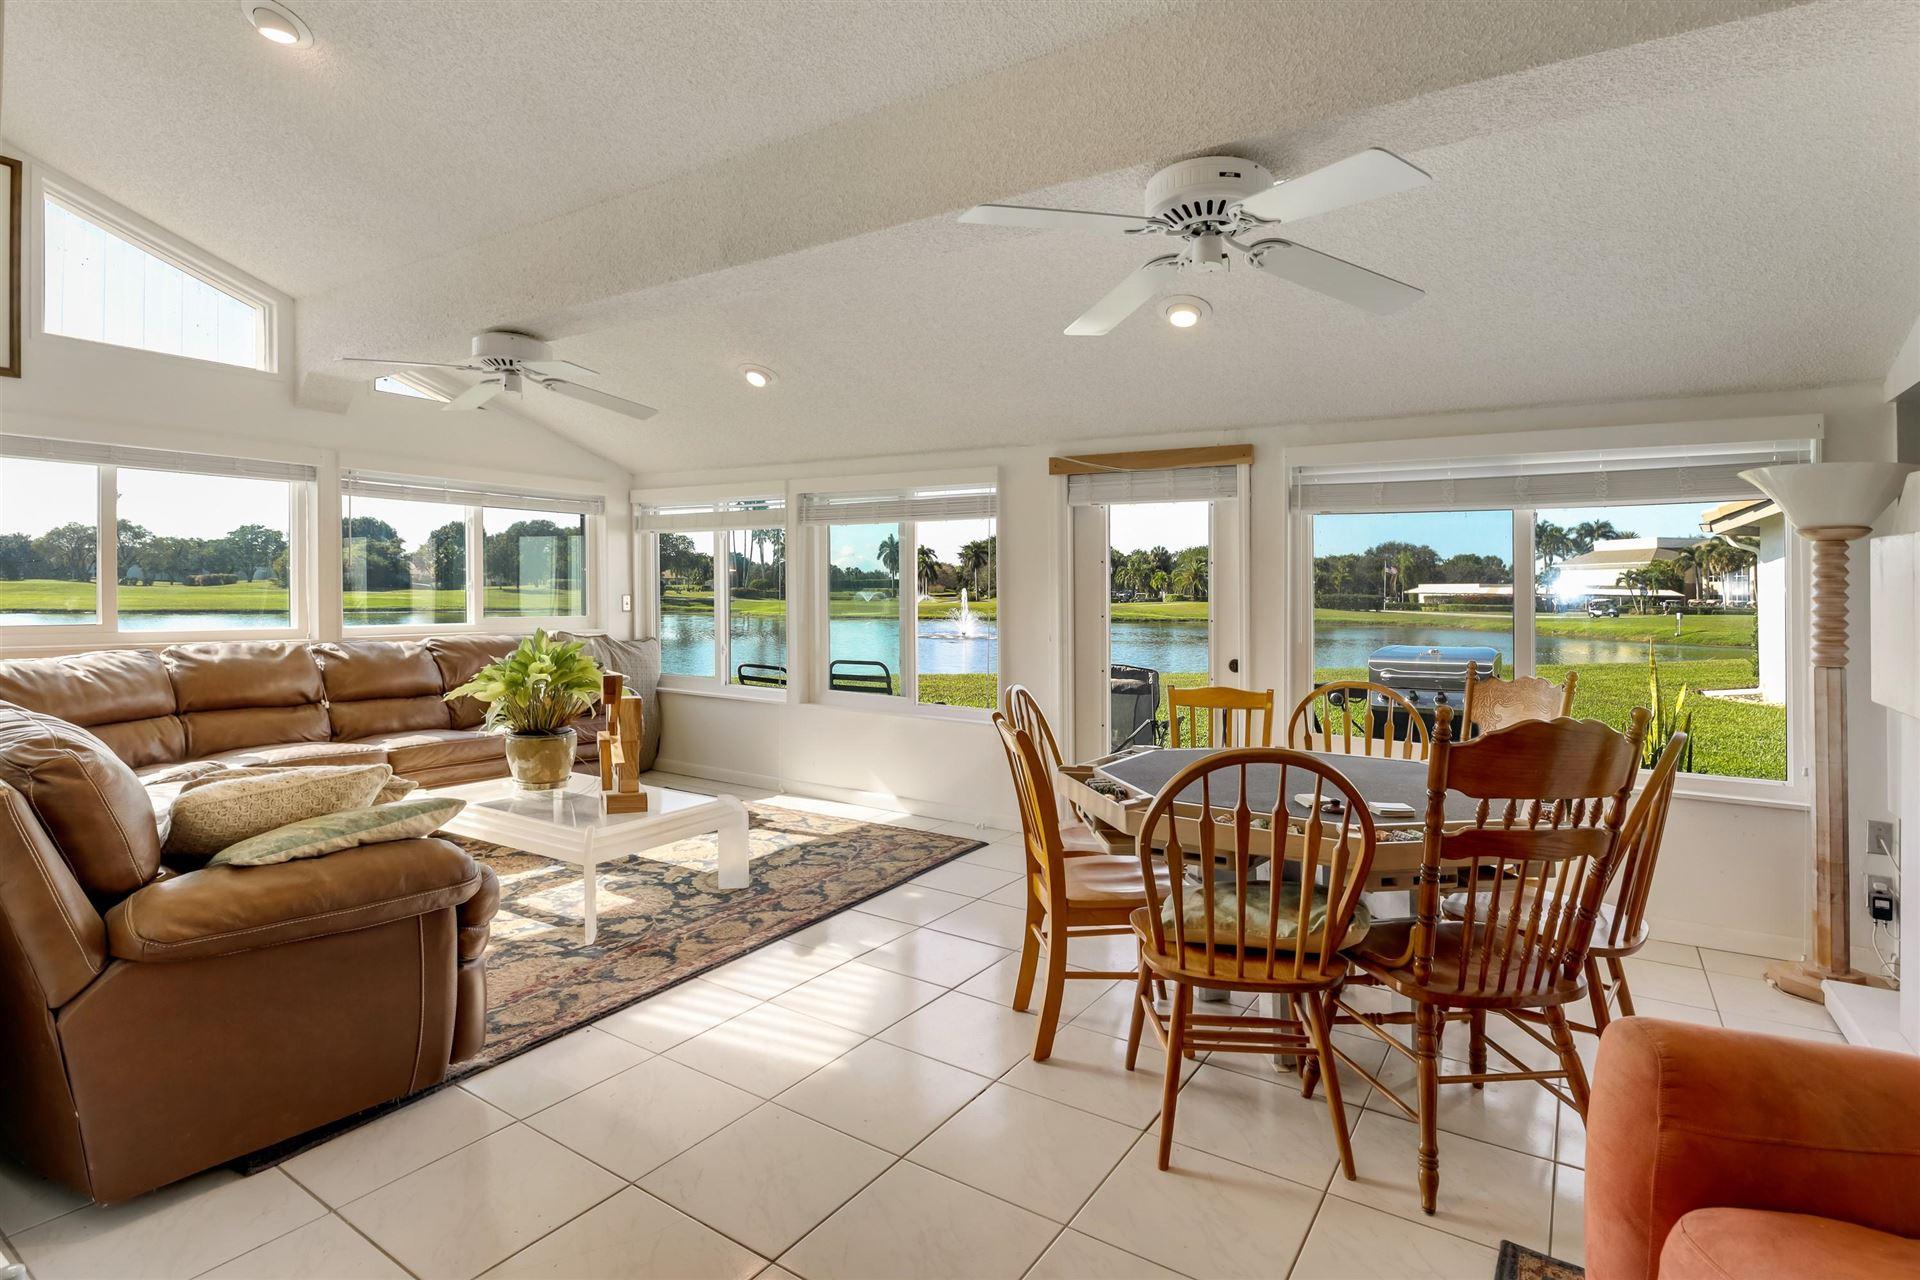 5783 Lakeview Mews Place, Boynton Beach, FL 33437 - #: RX-10678957